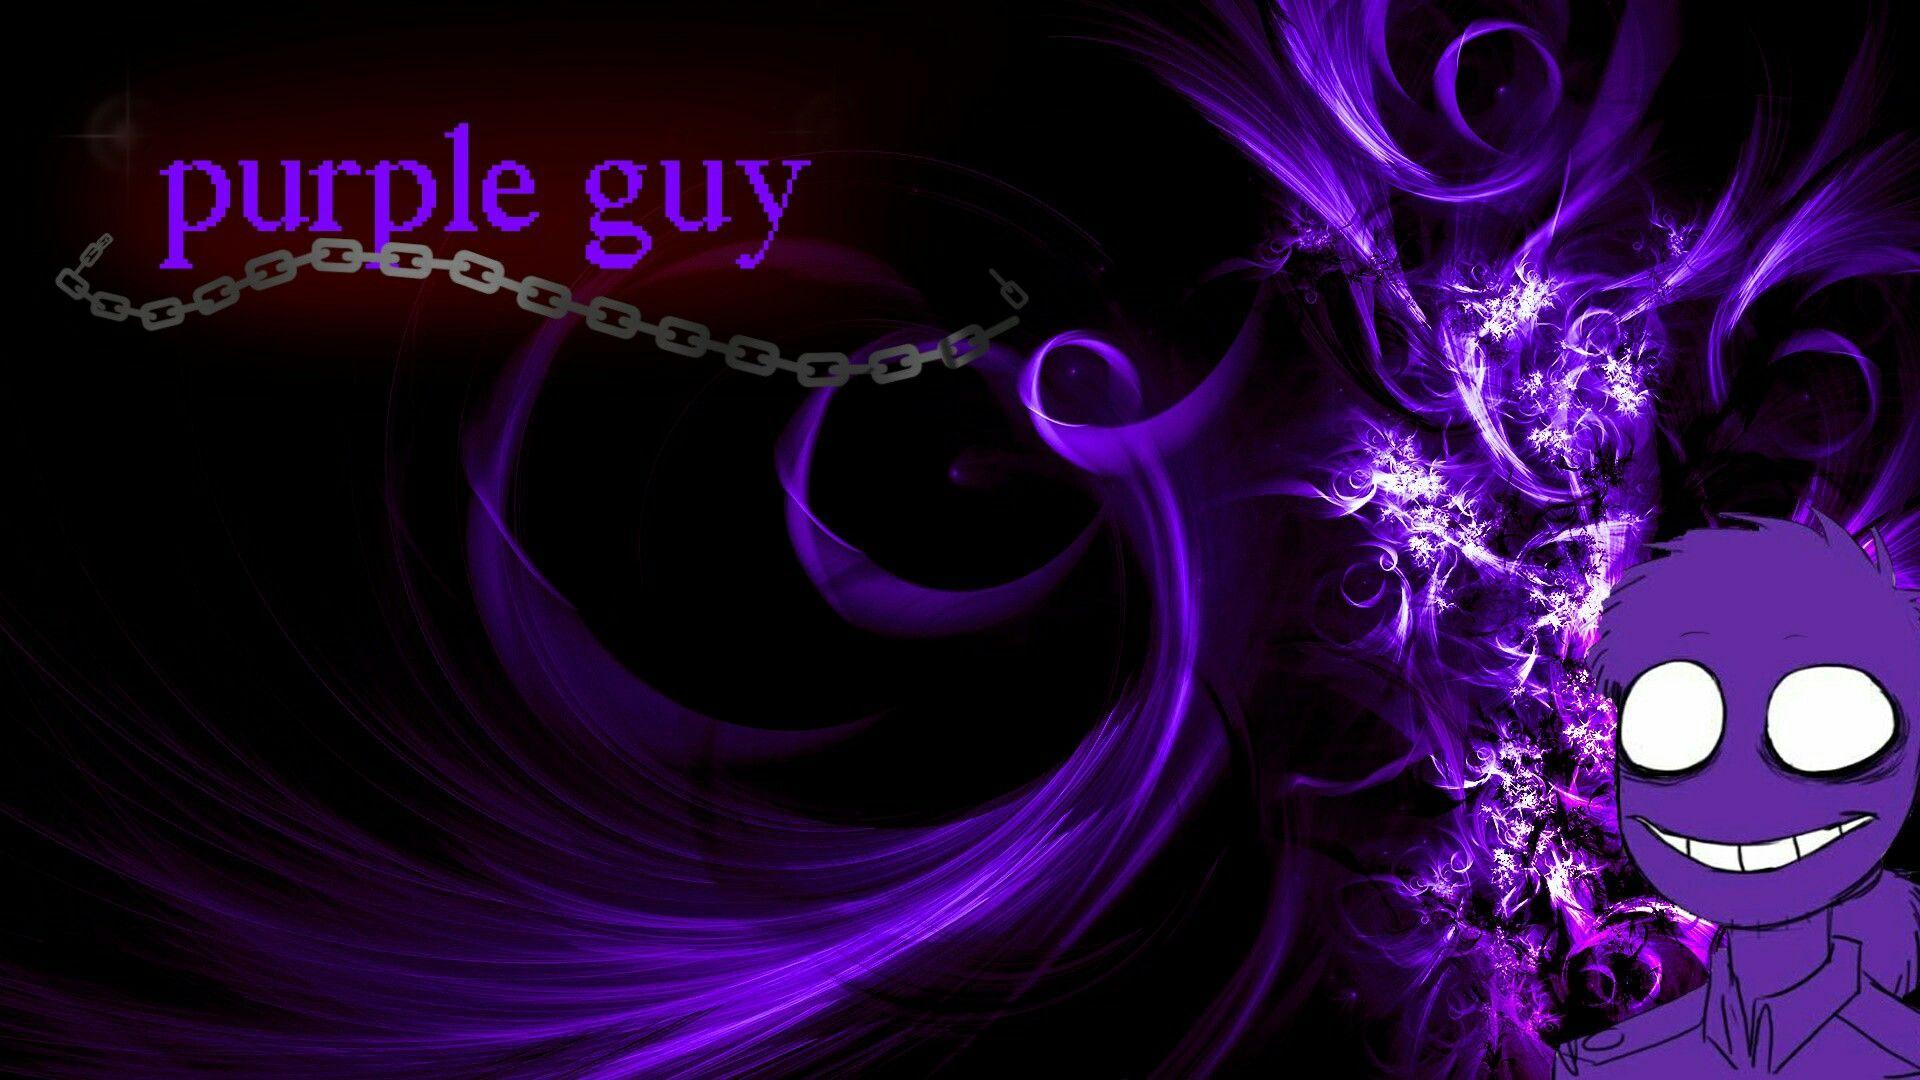 Purple Guy Wallpaper Purple Wallpaper Blue Wallpapers